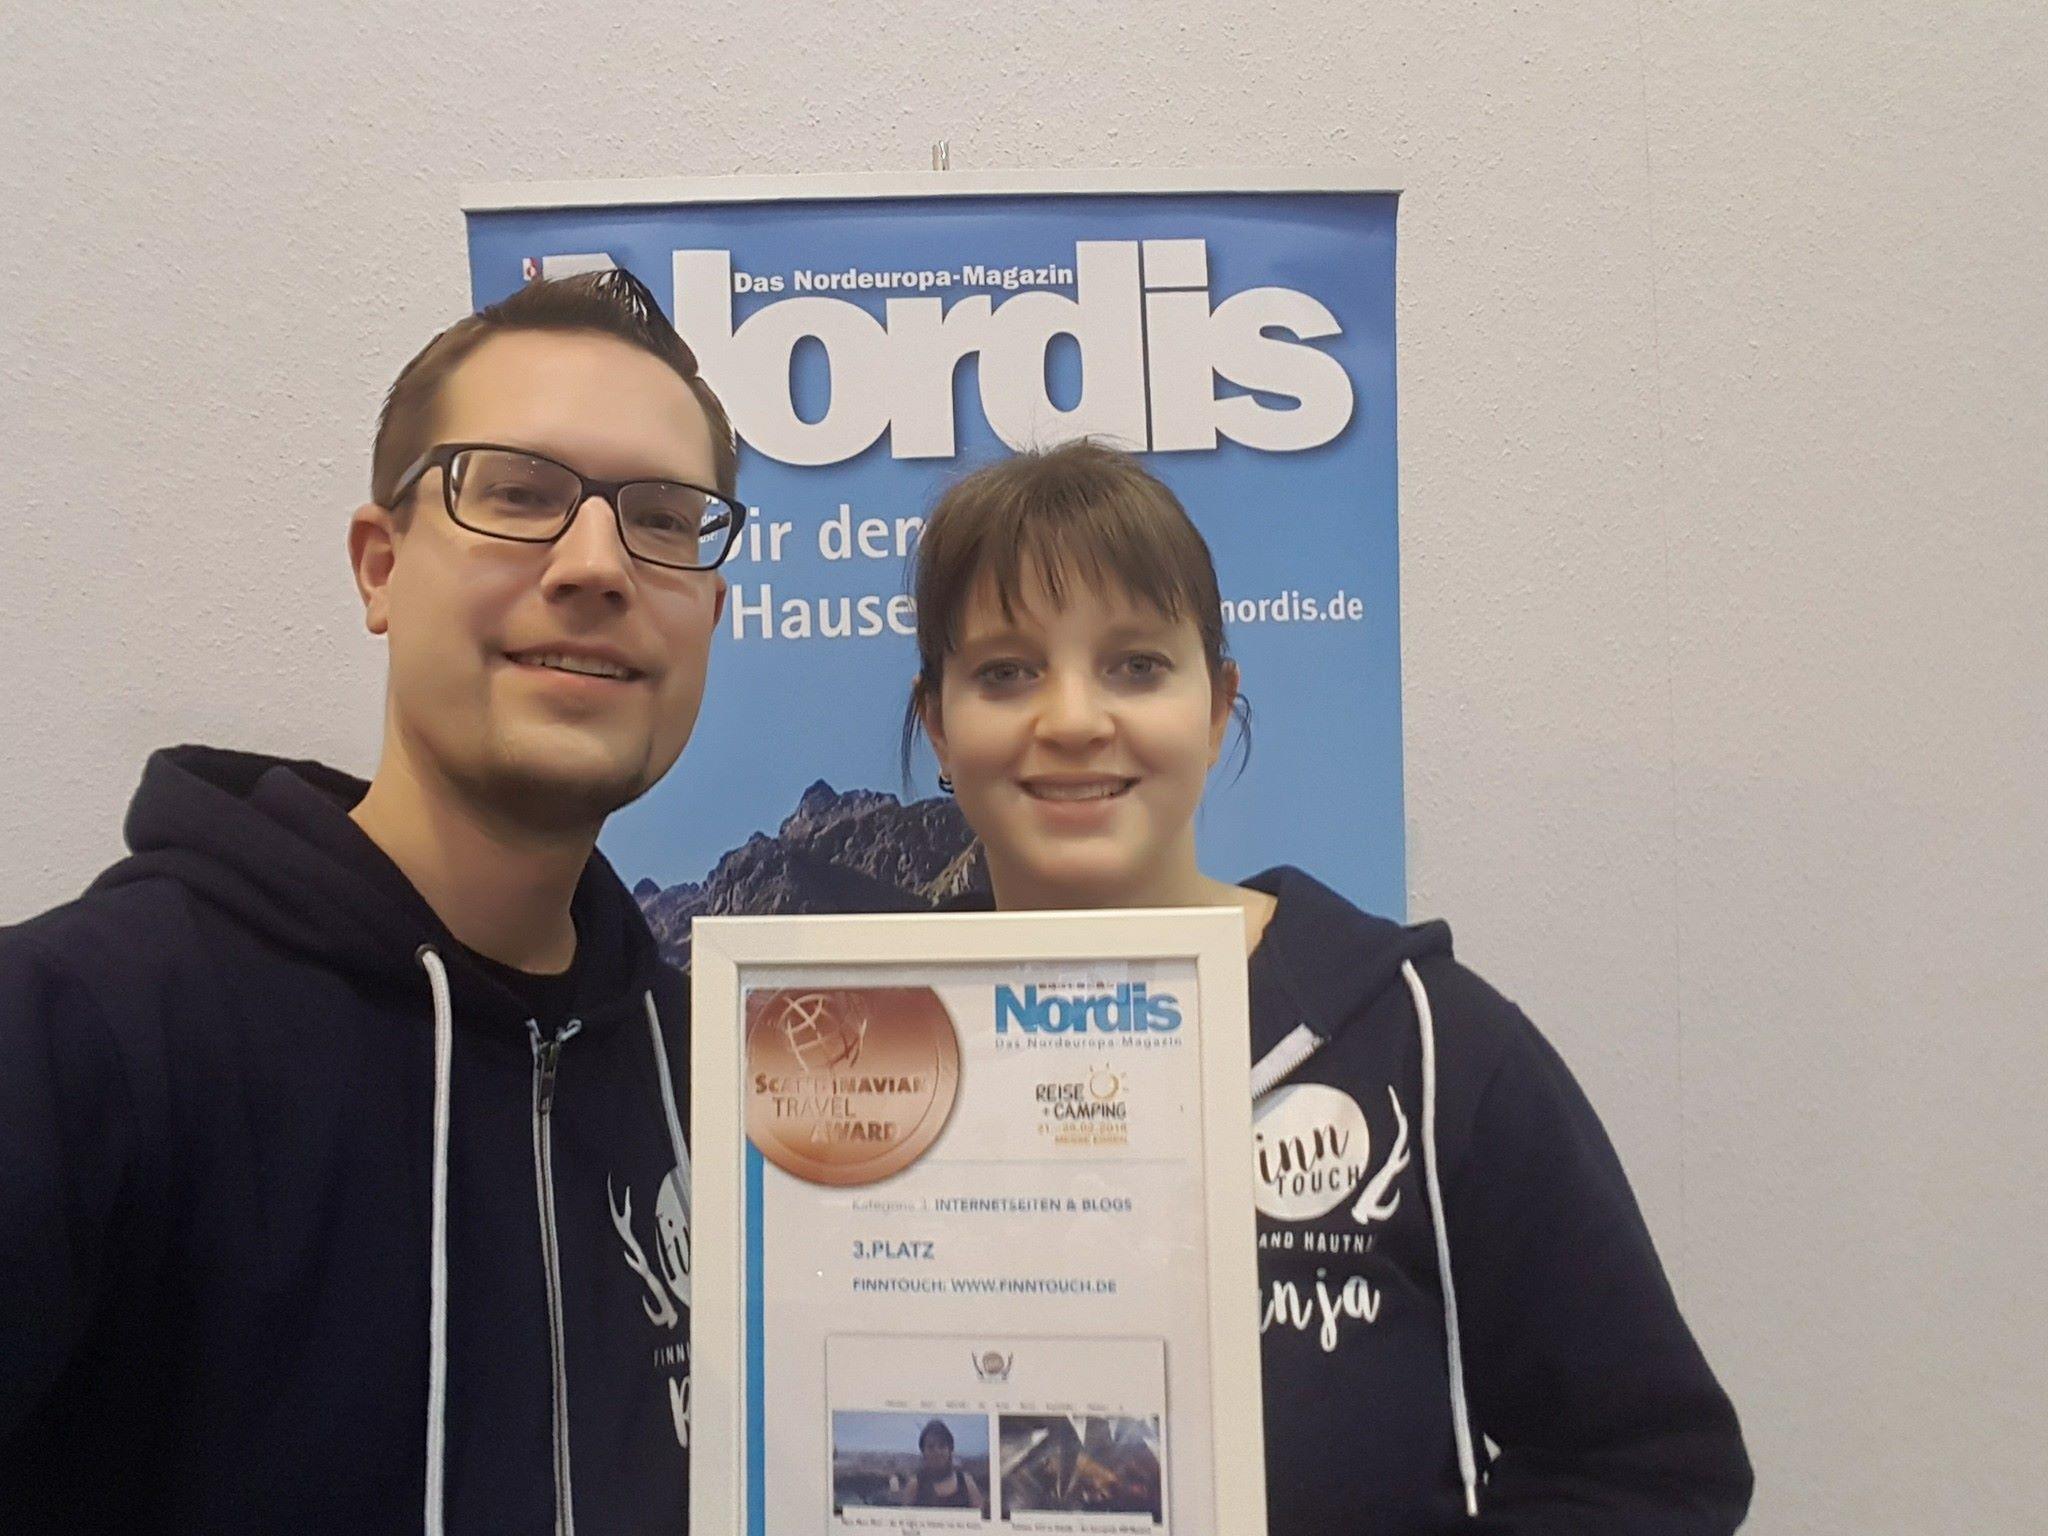 René und Tanja von FinnTouch mit dem Scandinavian Travel Award